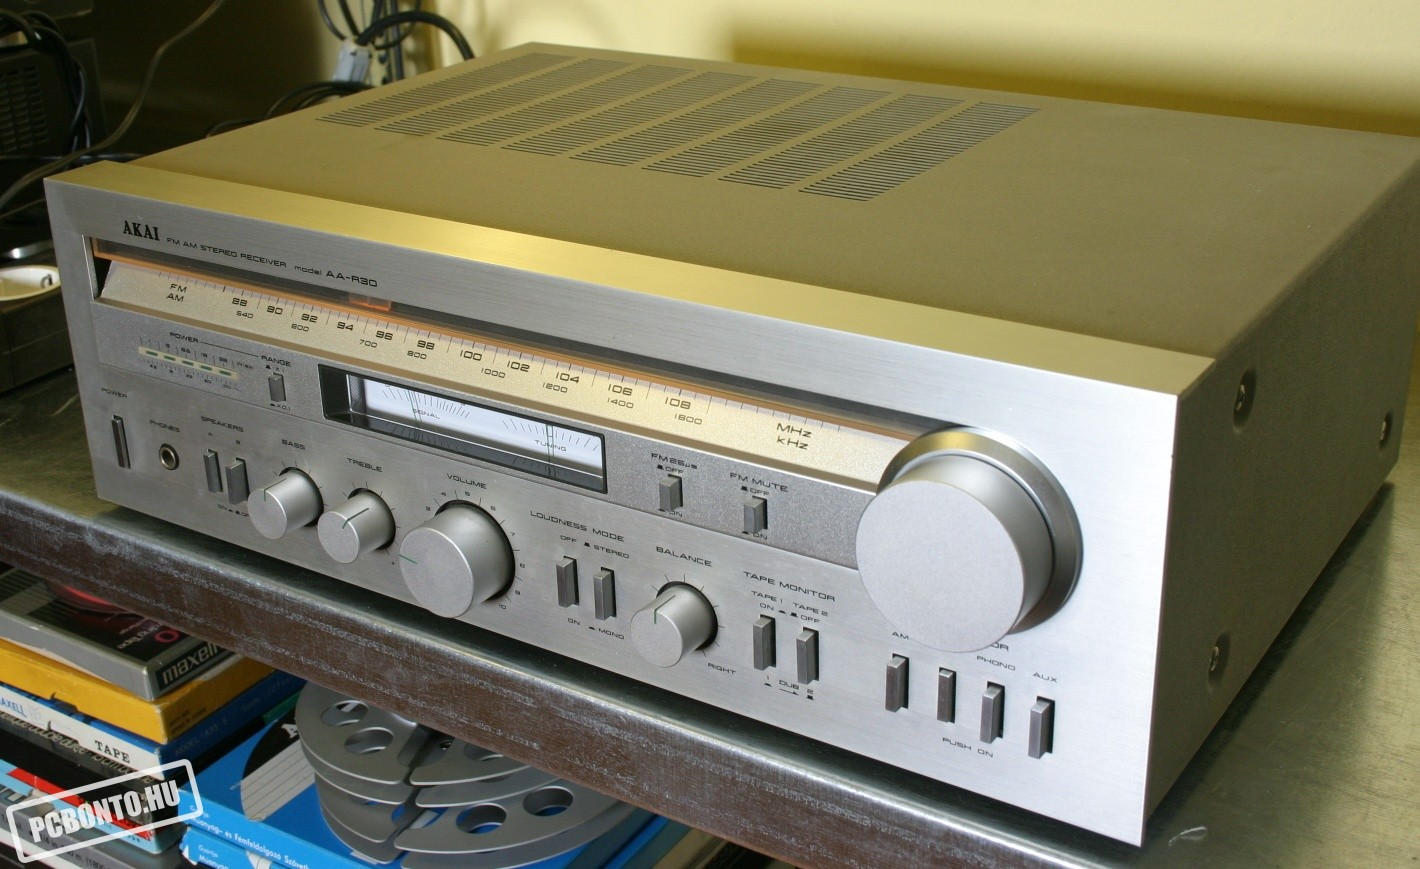 Akai Aa R30 Manual Oli Rotary 2t 1200 Array Analog Stereo Receiver Audiobaza Rh Blogspot Com